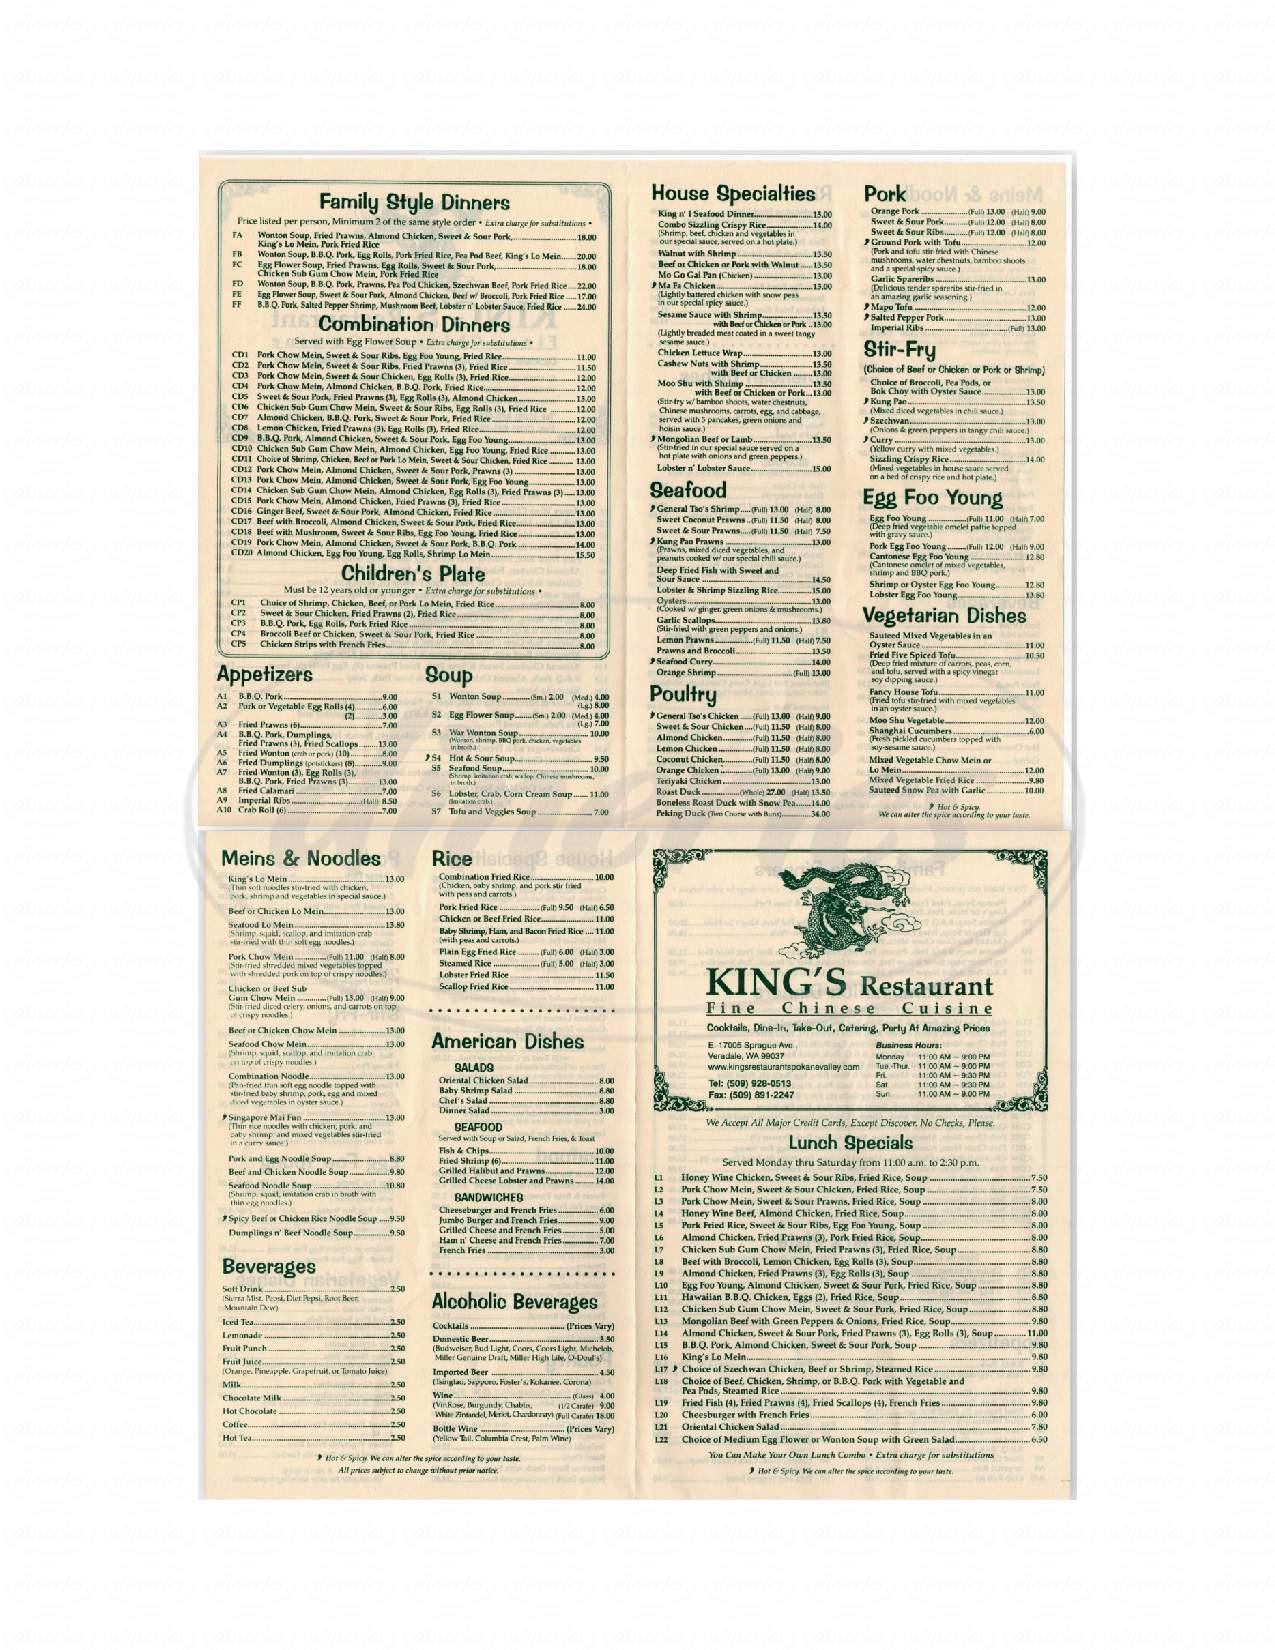 menu for King's Restaurant